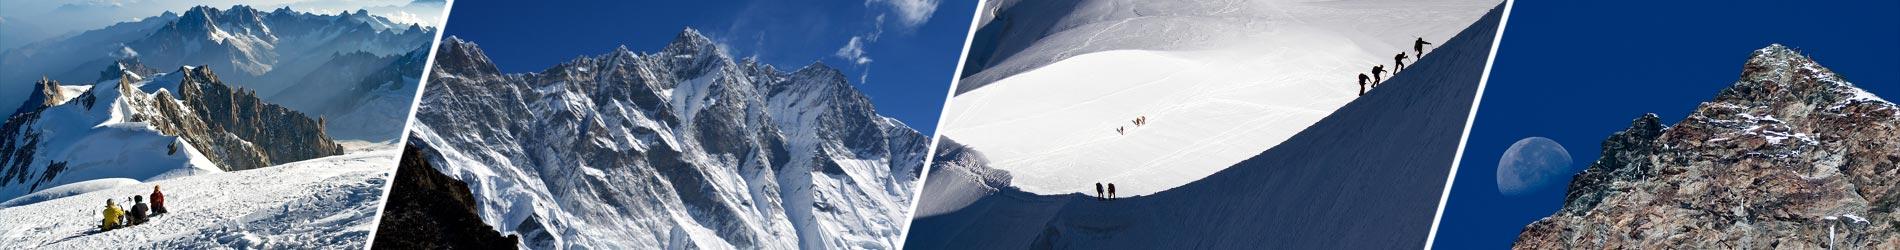 Альпинизм и восхождения в горах